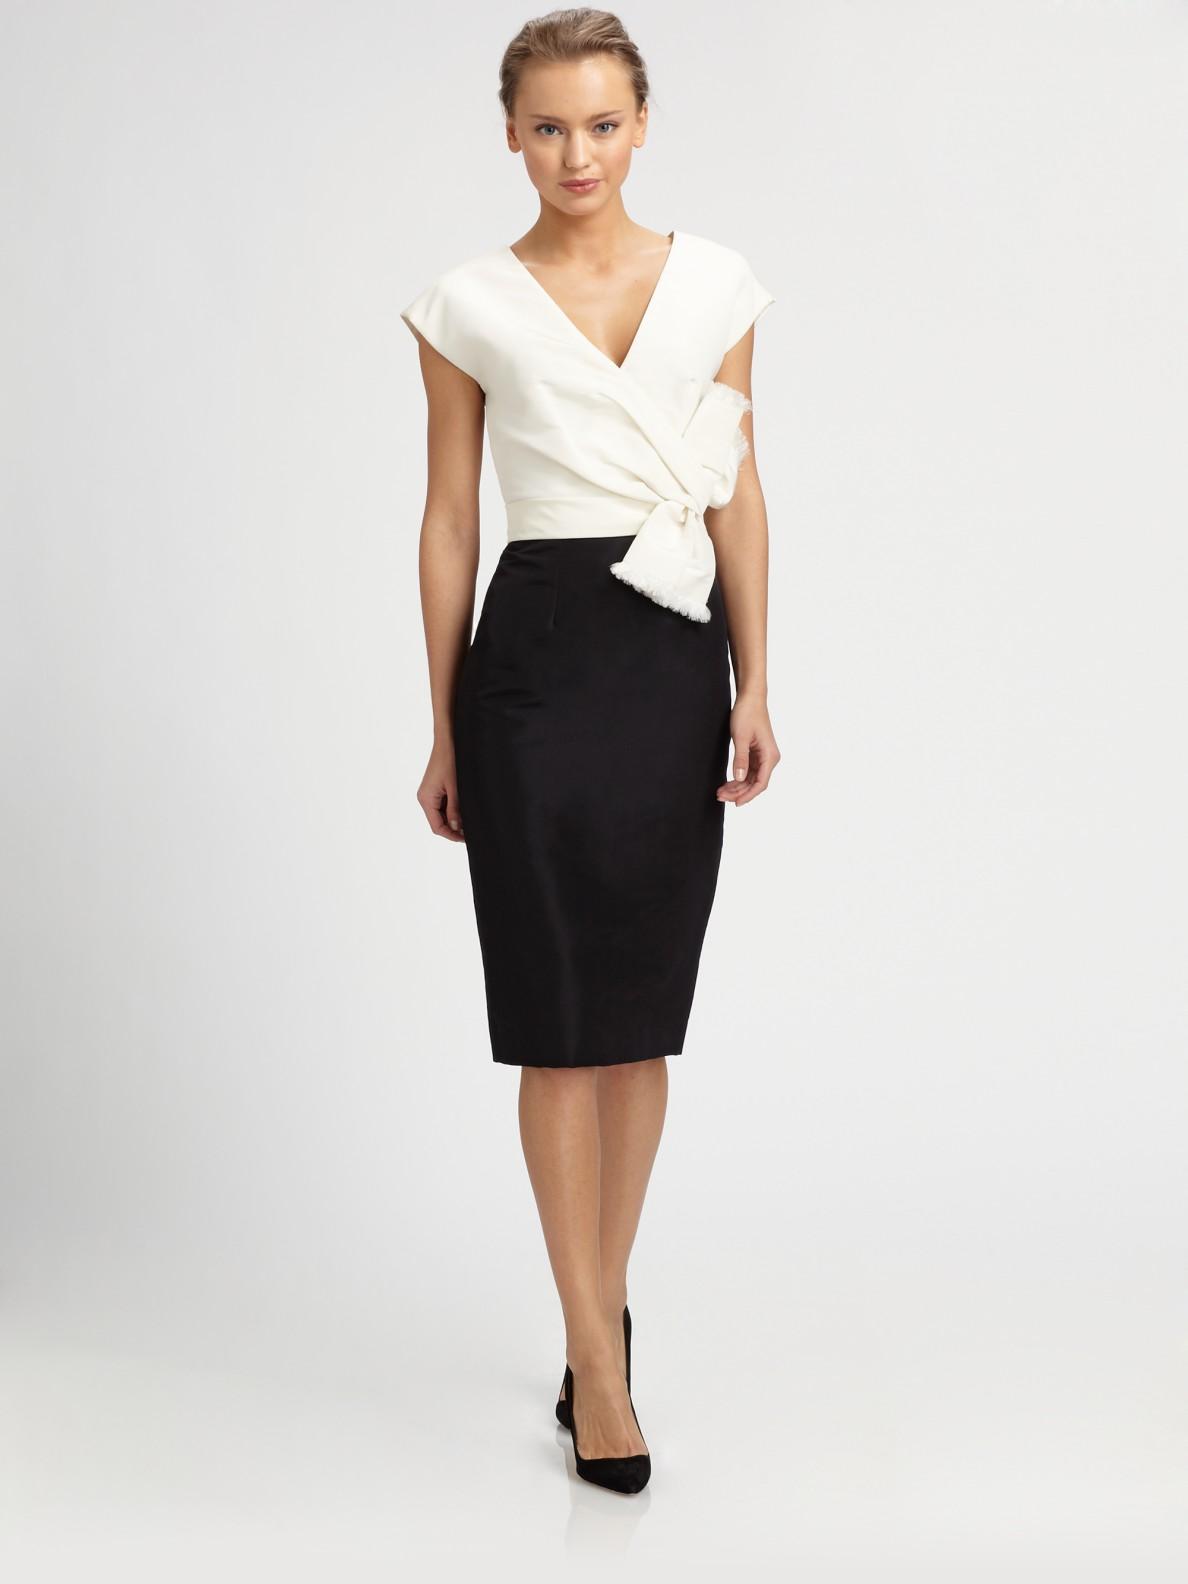 Carolina Herrera Dresses On Sale